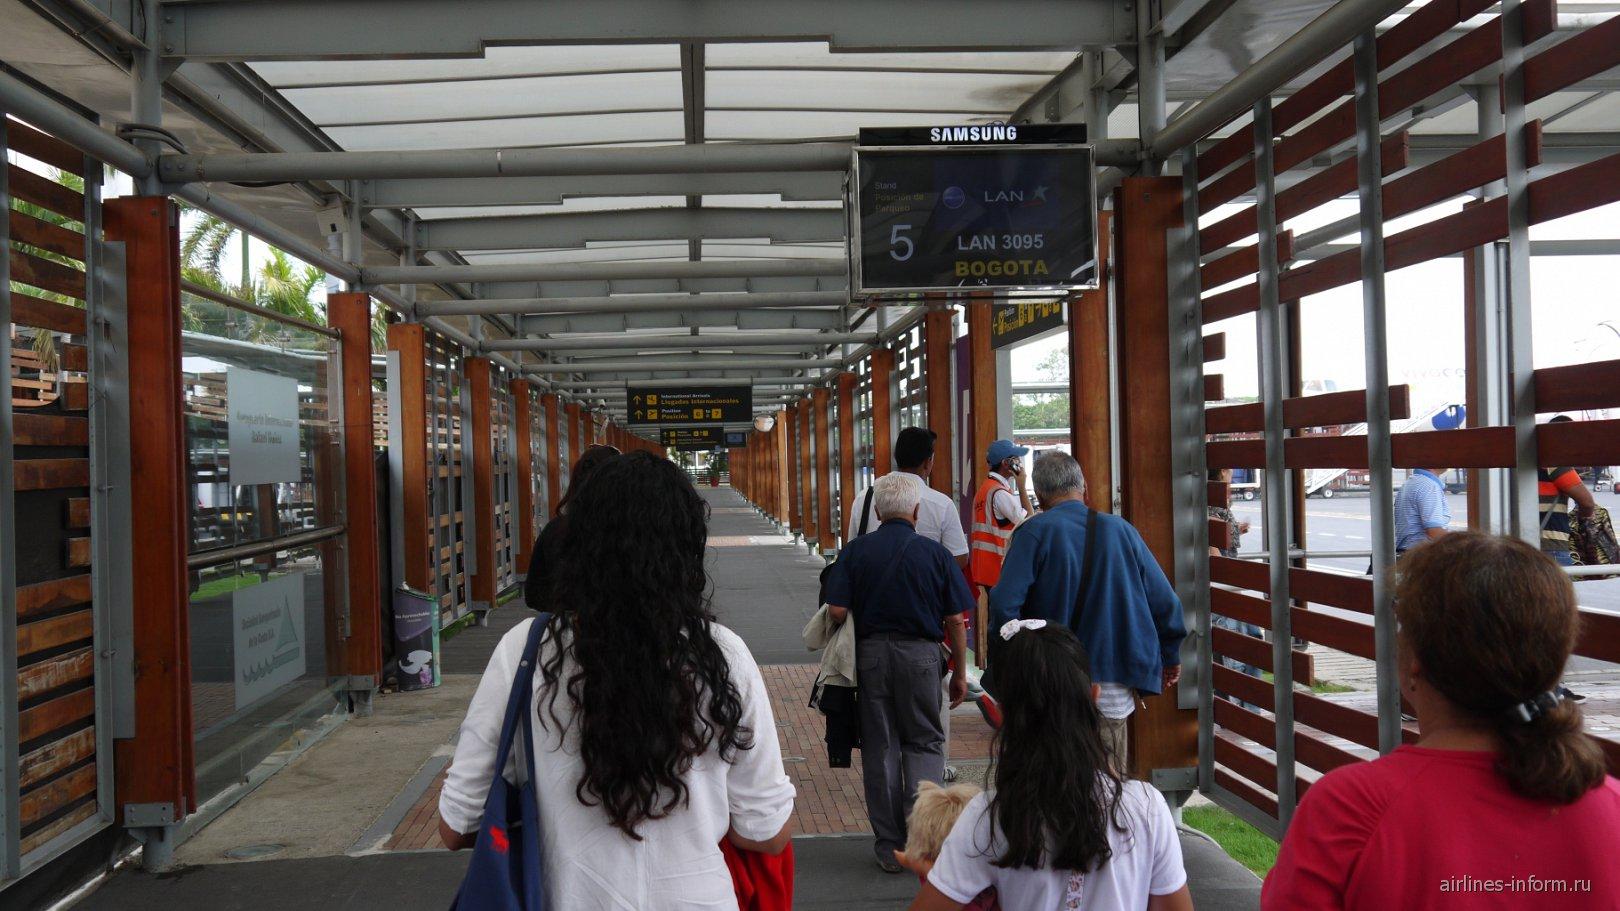 Галерея выходов на посадку в аэропорту Картахена Рафаэль Нуньес